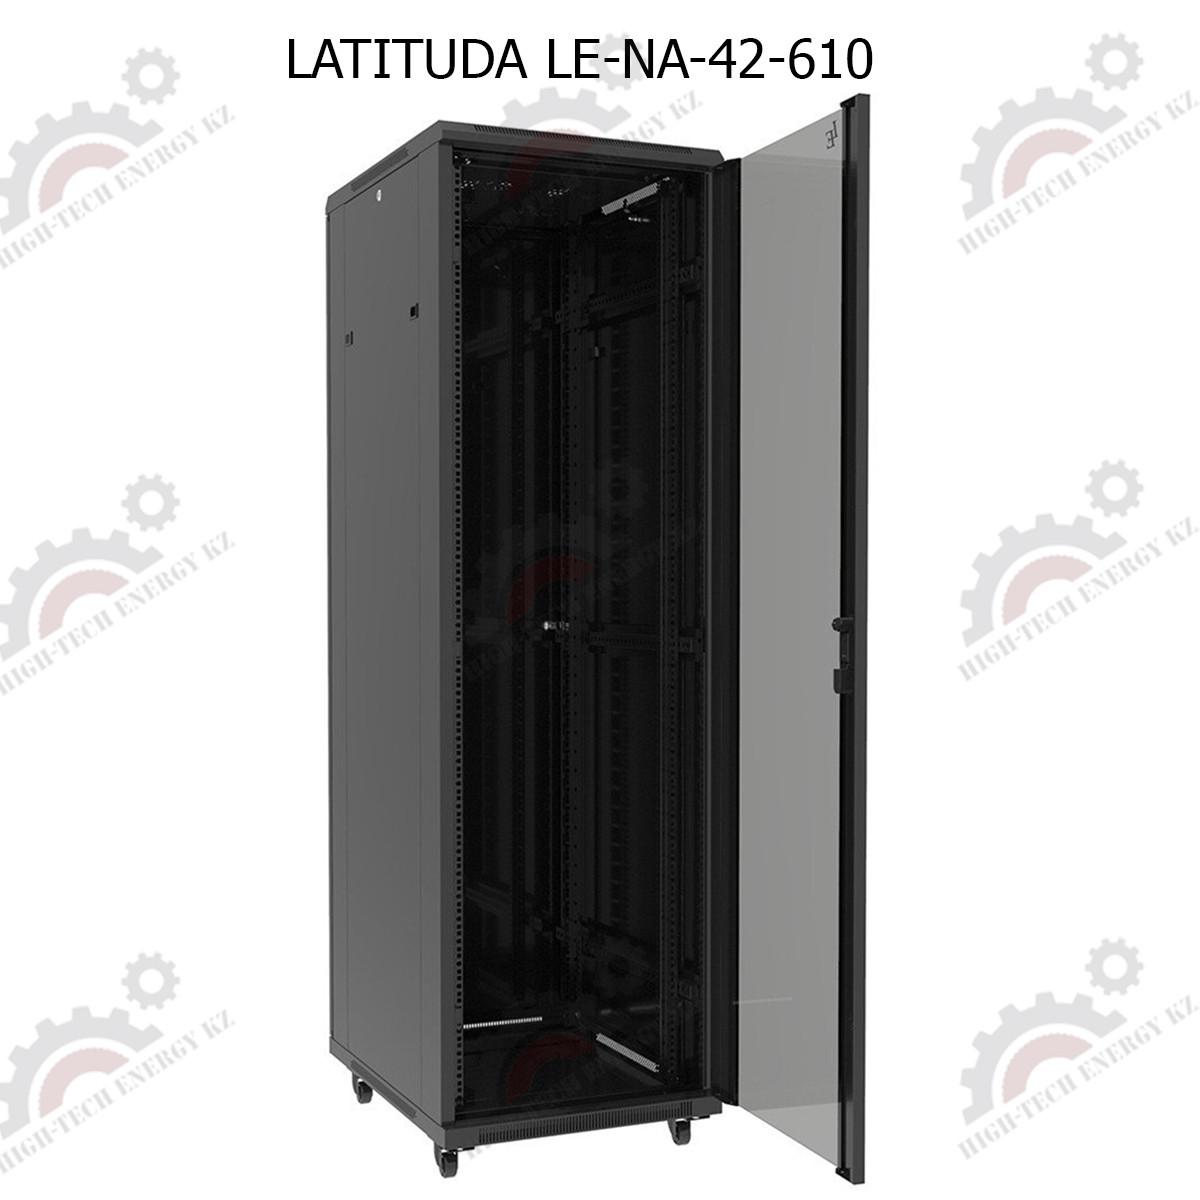 Шкаф серверный напольный LATITUDA 42U, 600*1000*1958мм,цвет черный, передняя дверь стеклянная